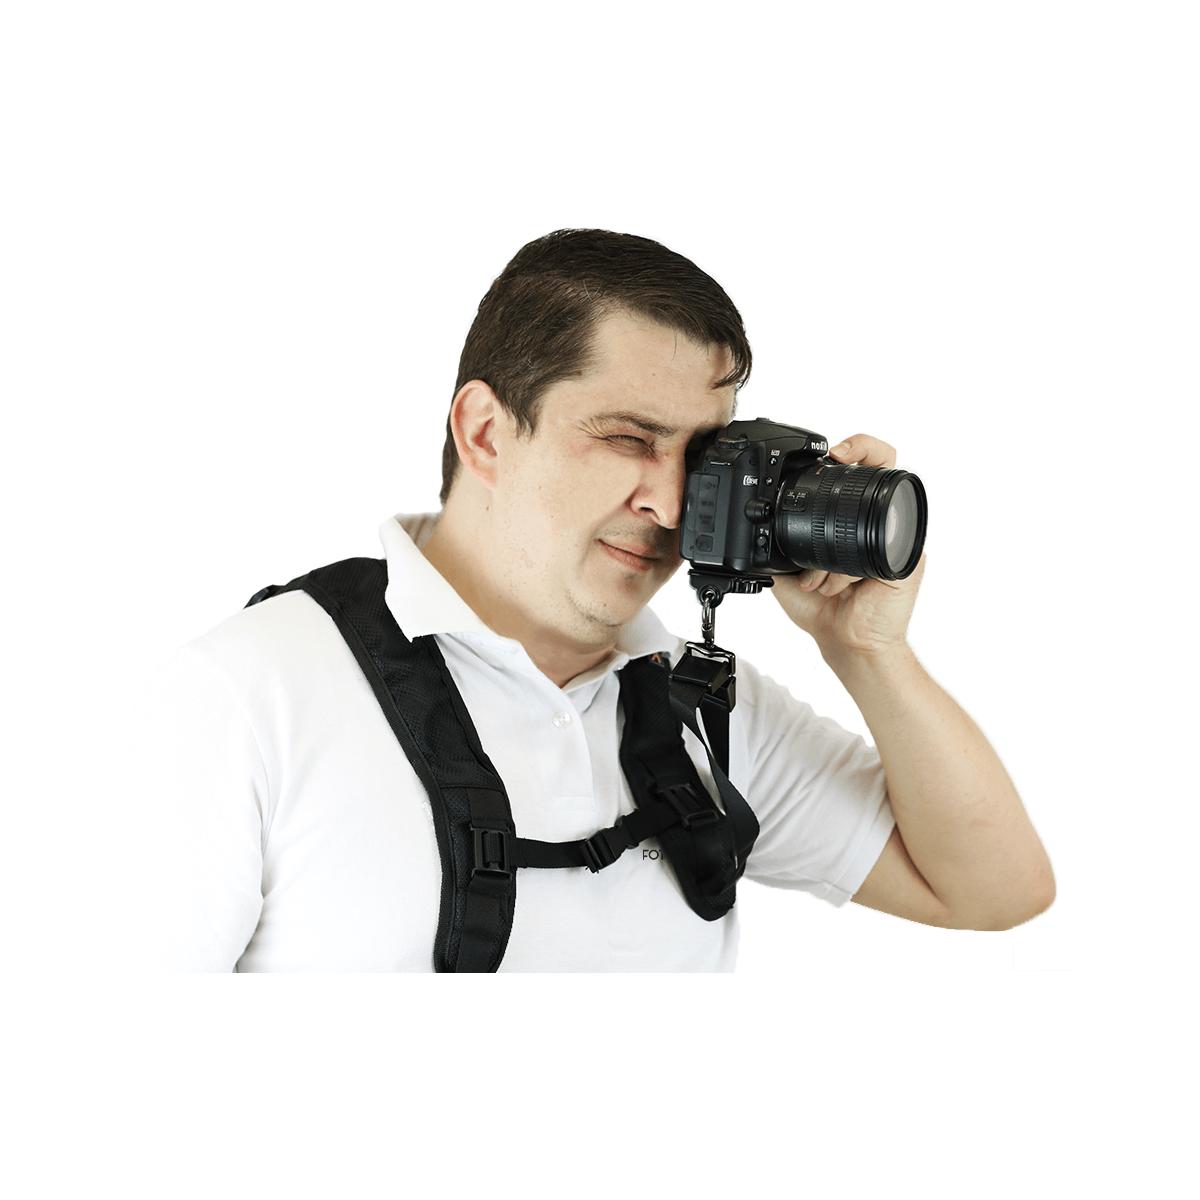 Alça de Ombro Dupla para Câmera Sou Foto AOD-001com Engate rápido ¼?  - Fotolux